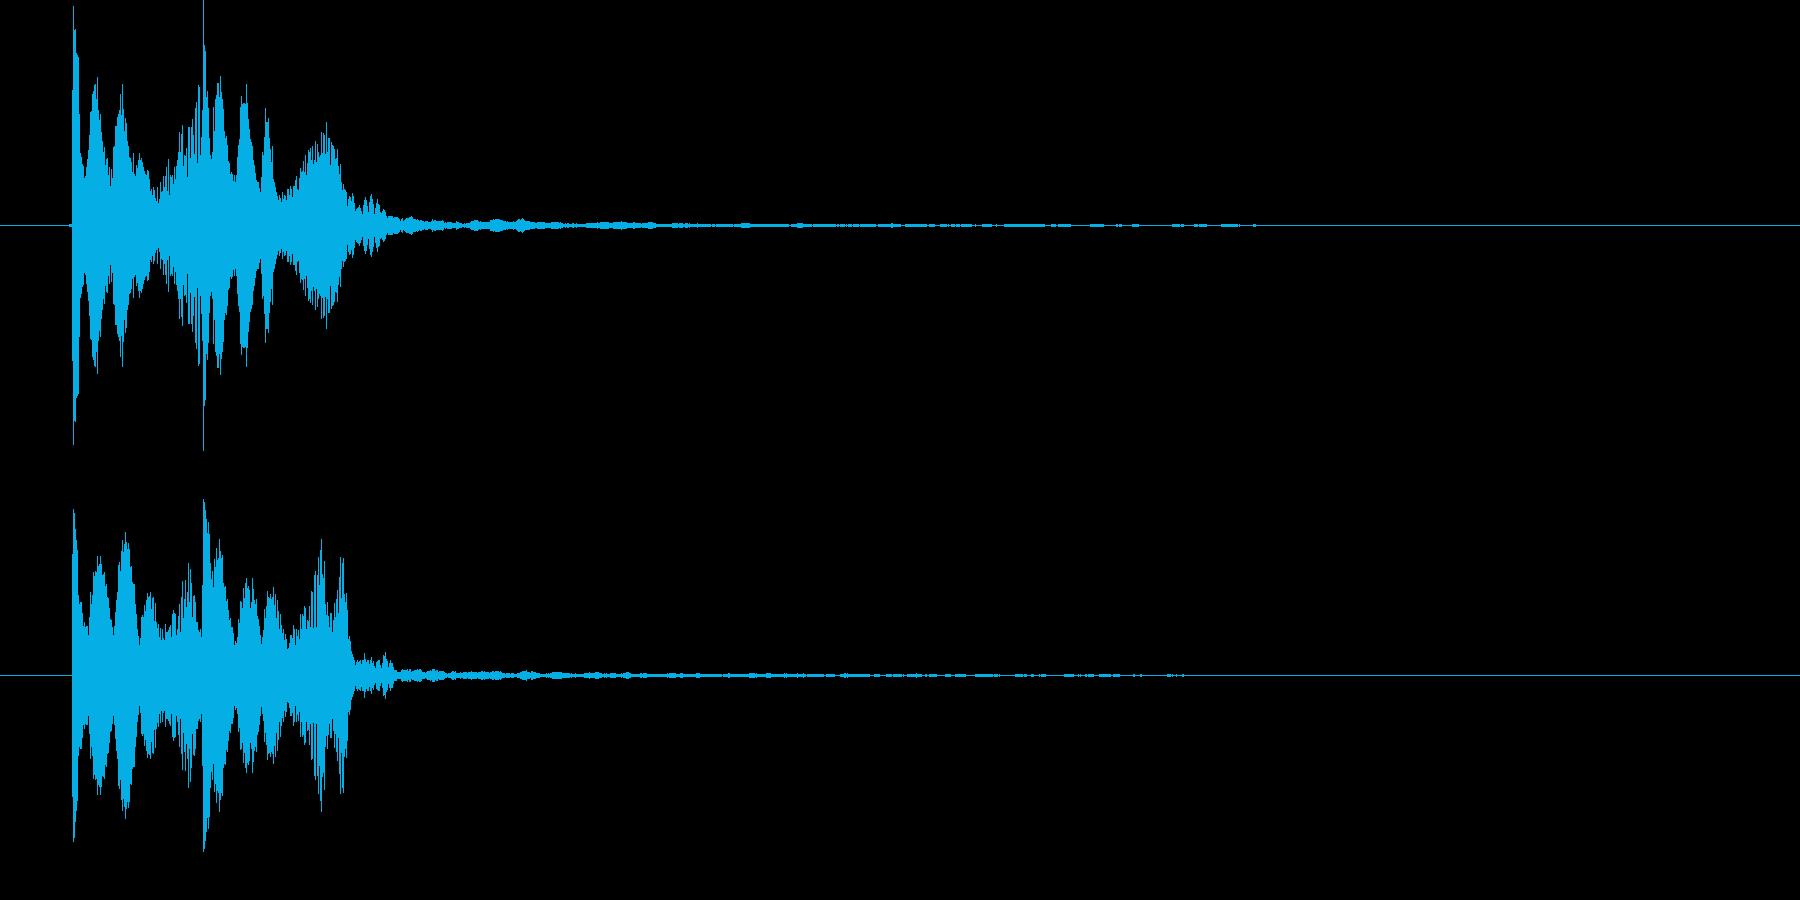 ゲームコマンドエラー音   K14の再生済みの波形